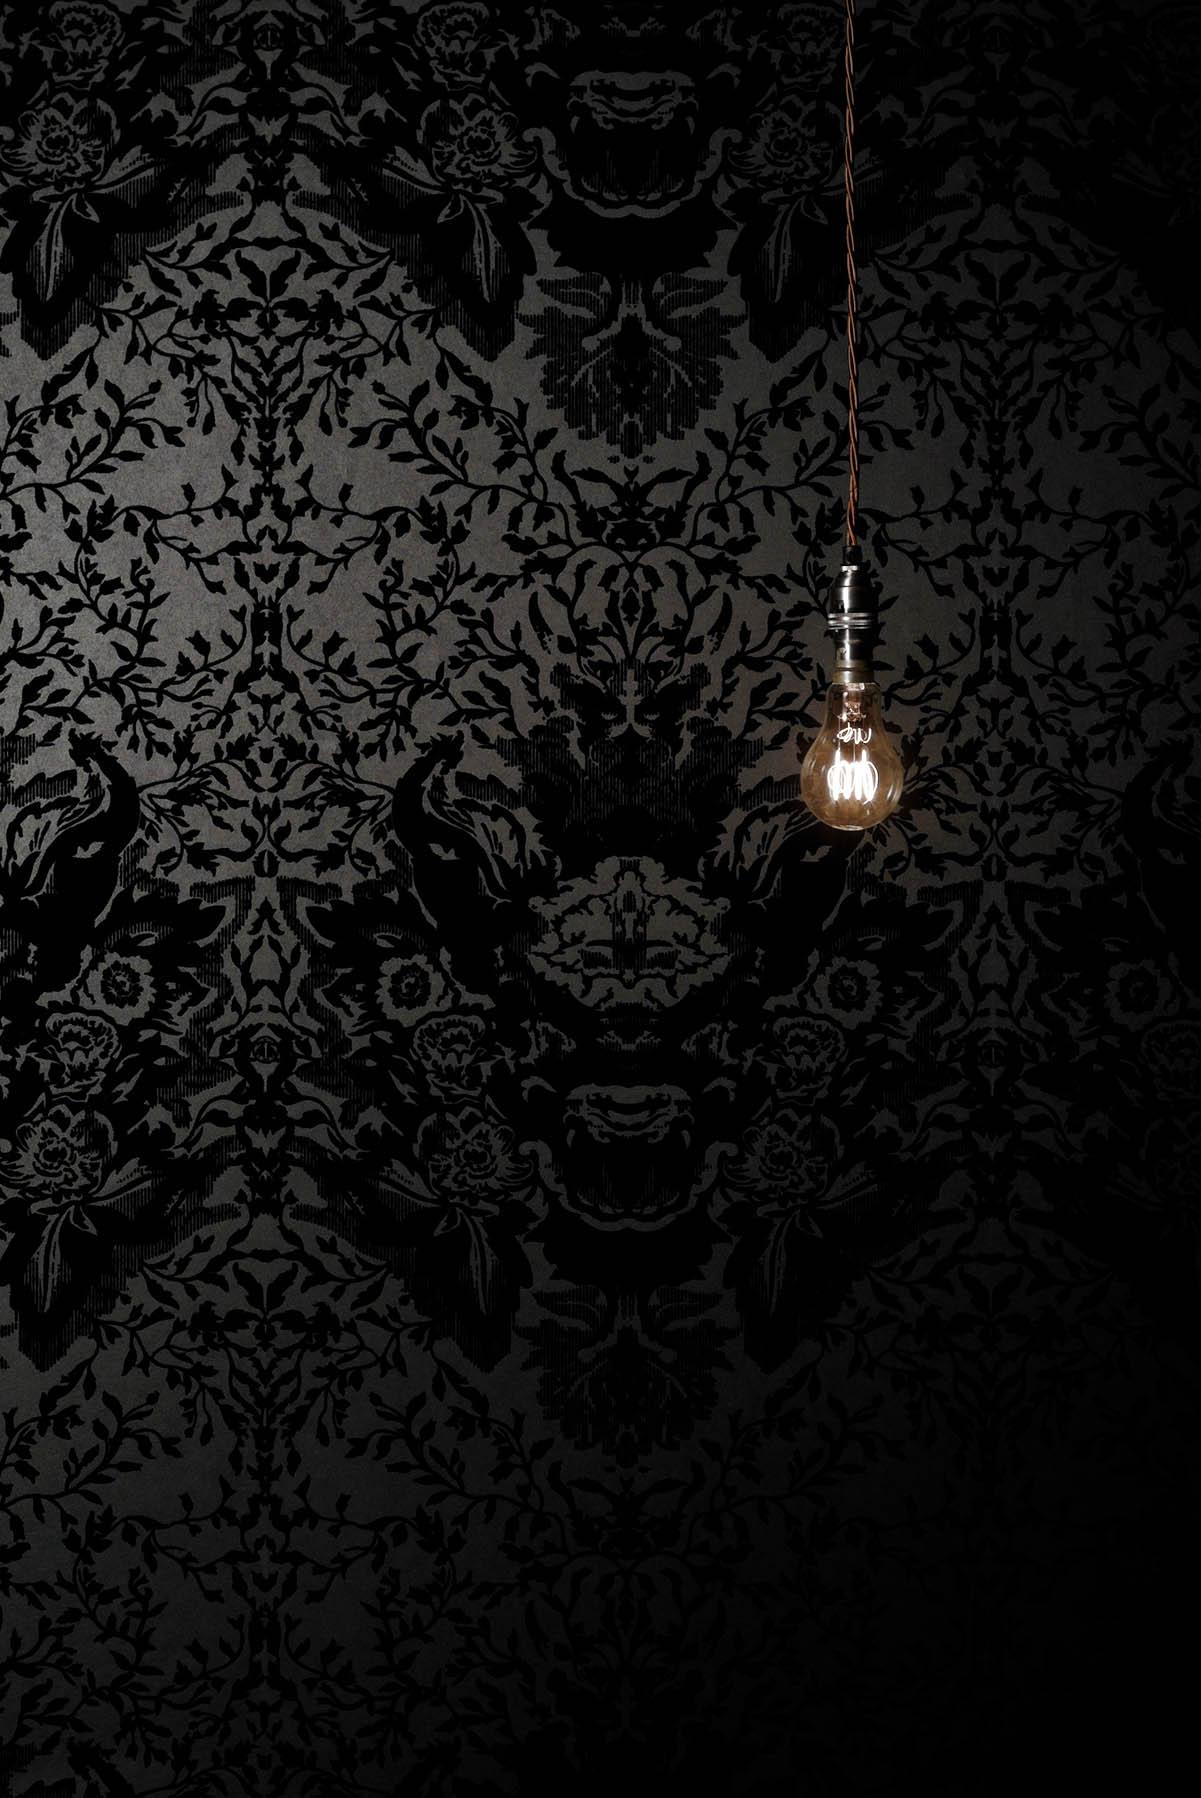 Black and white flocked wallpaper wallpapersafari for Flock wallpaper